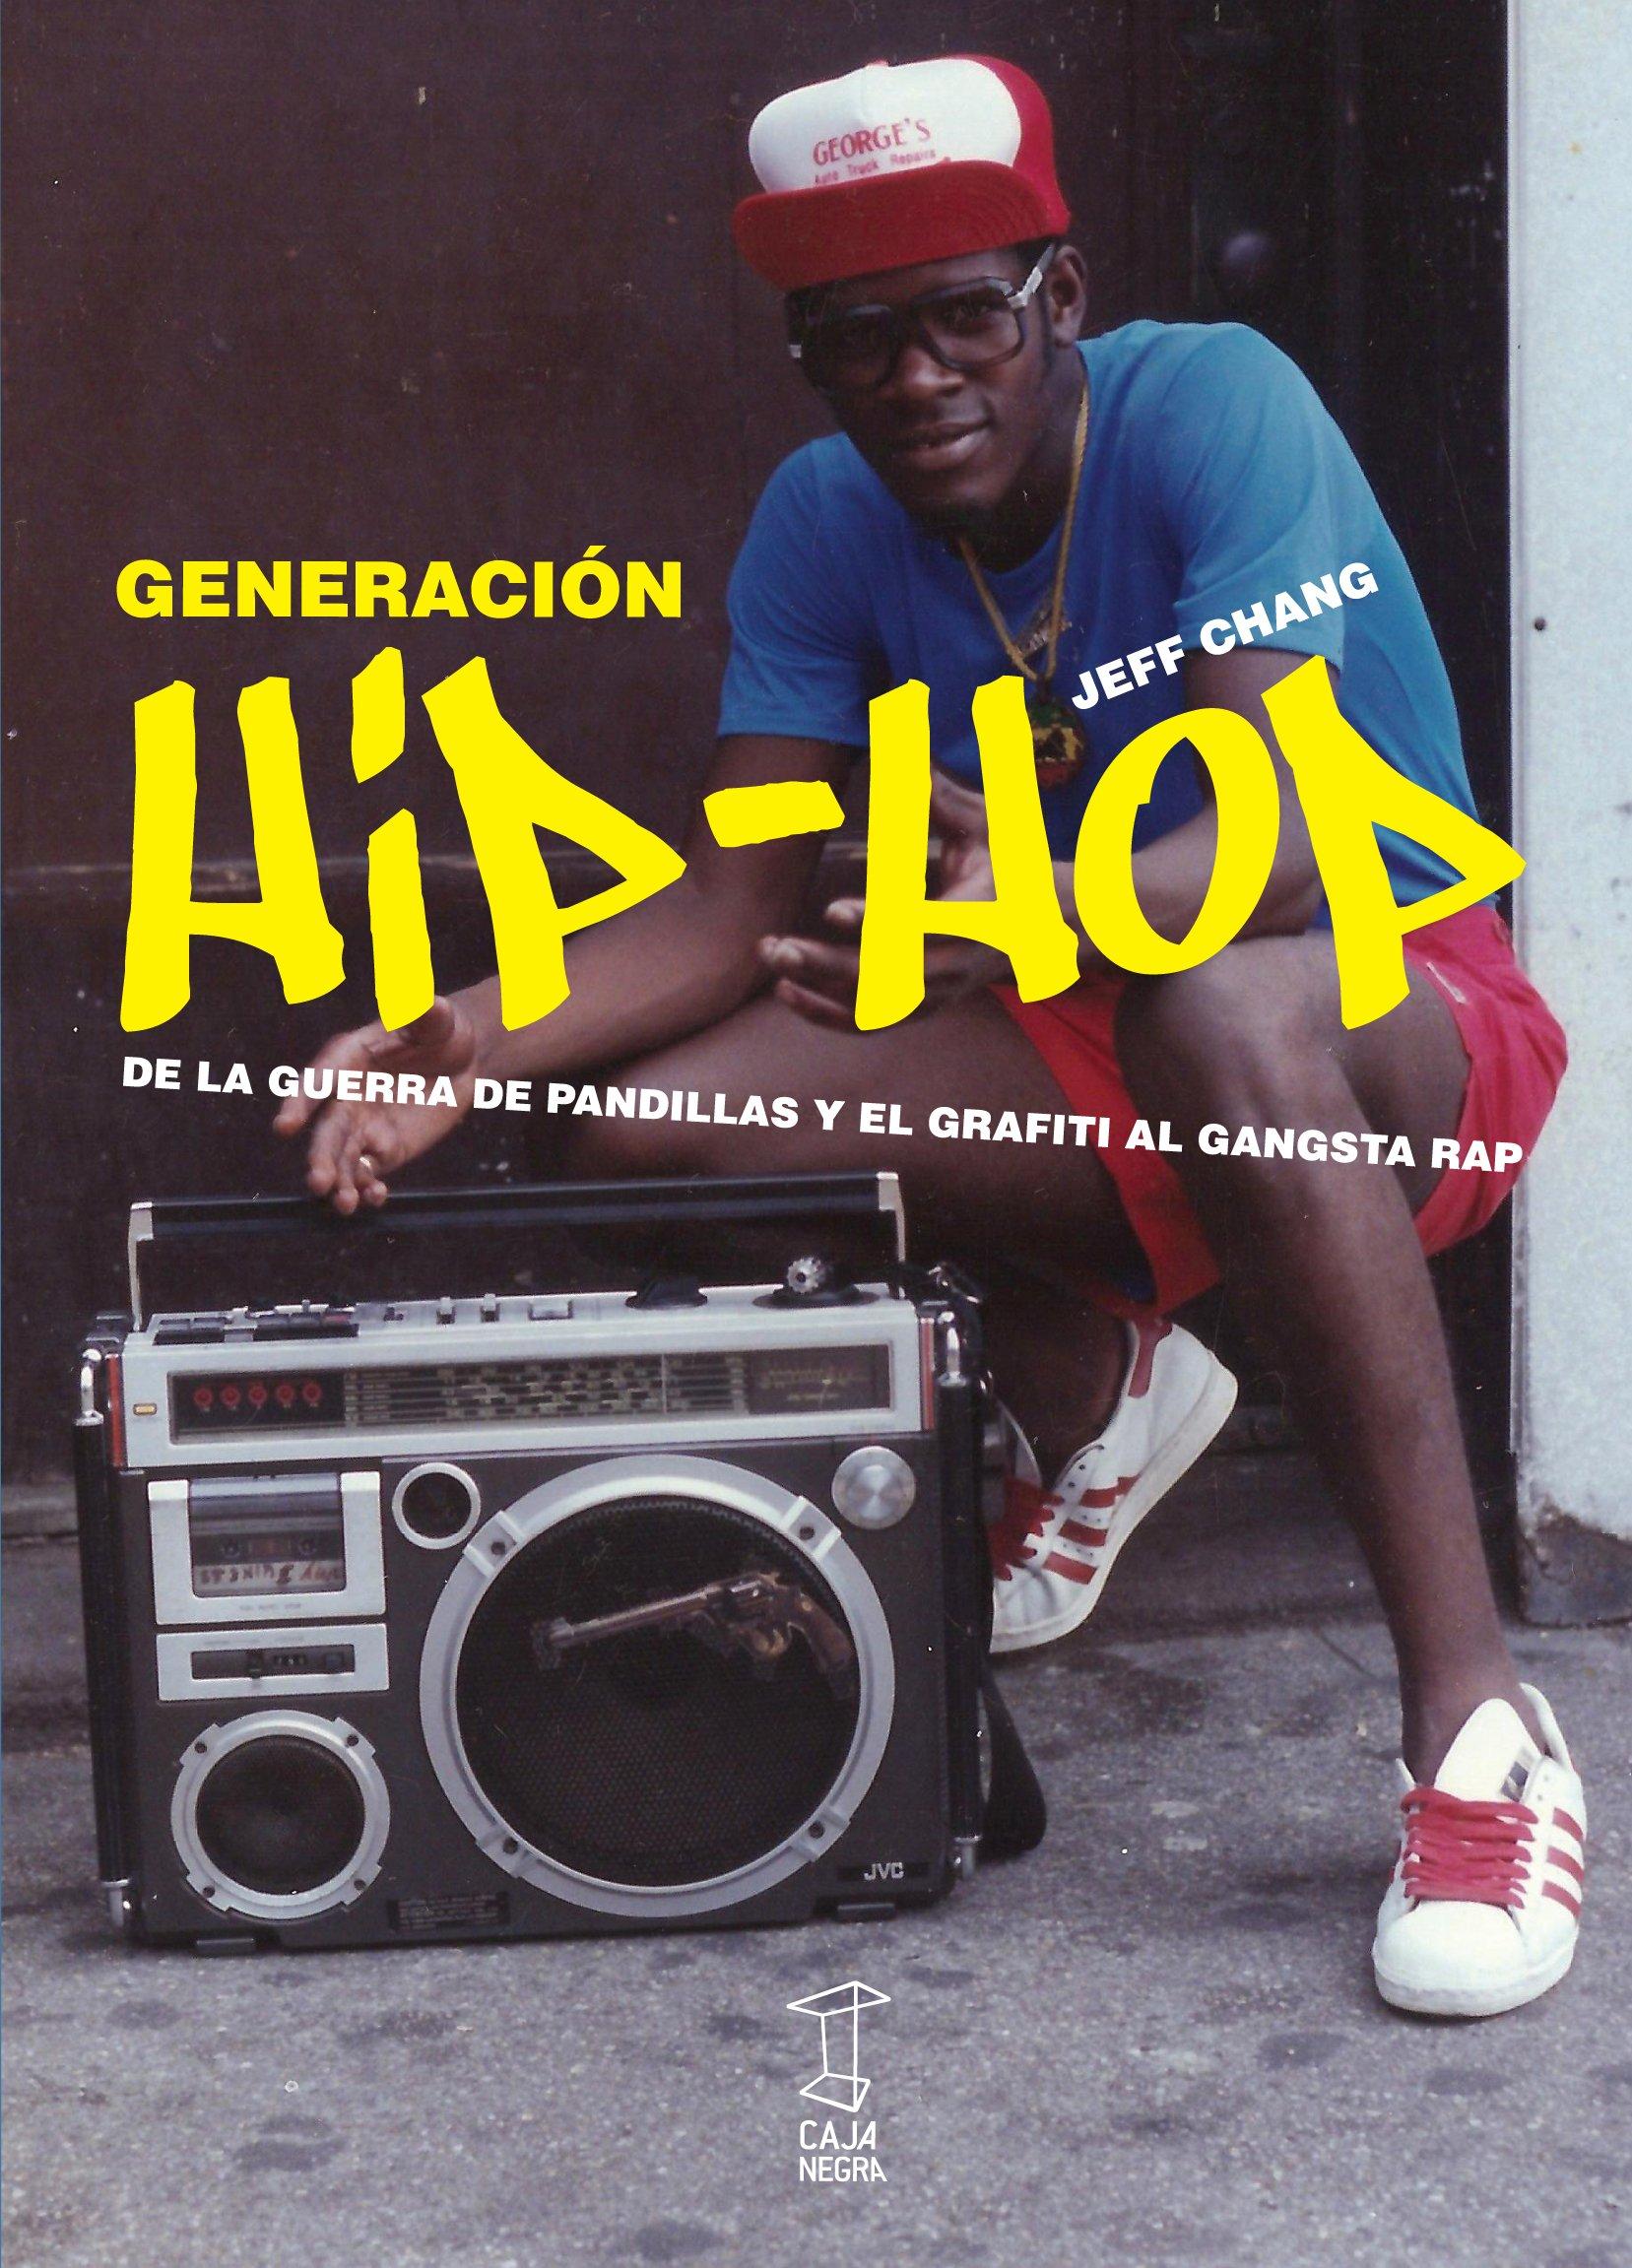 Generación Hip Hop de Jeff de Chang